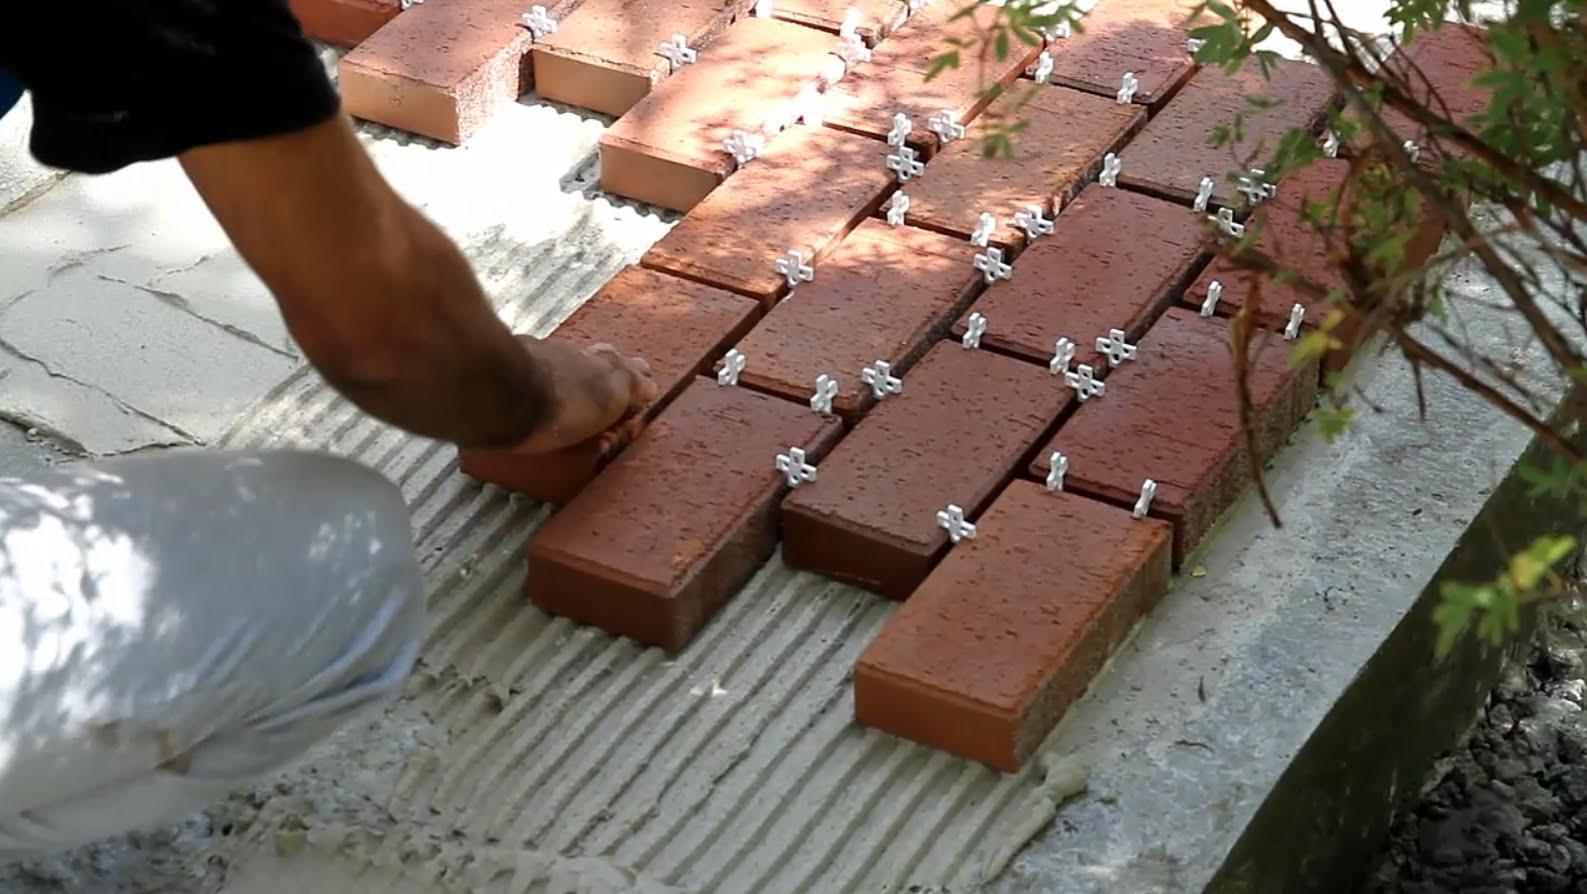 Расход цементно-песчаной смеси (ЦПС) на 1 м2 под брусчатку и тротуарную плитку